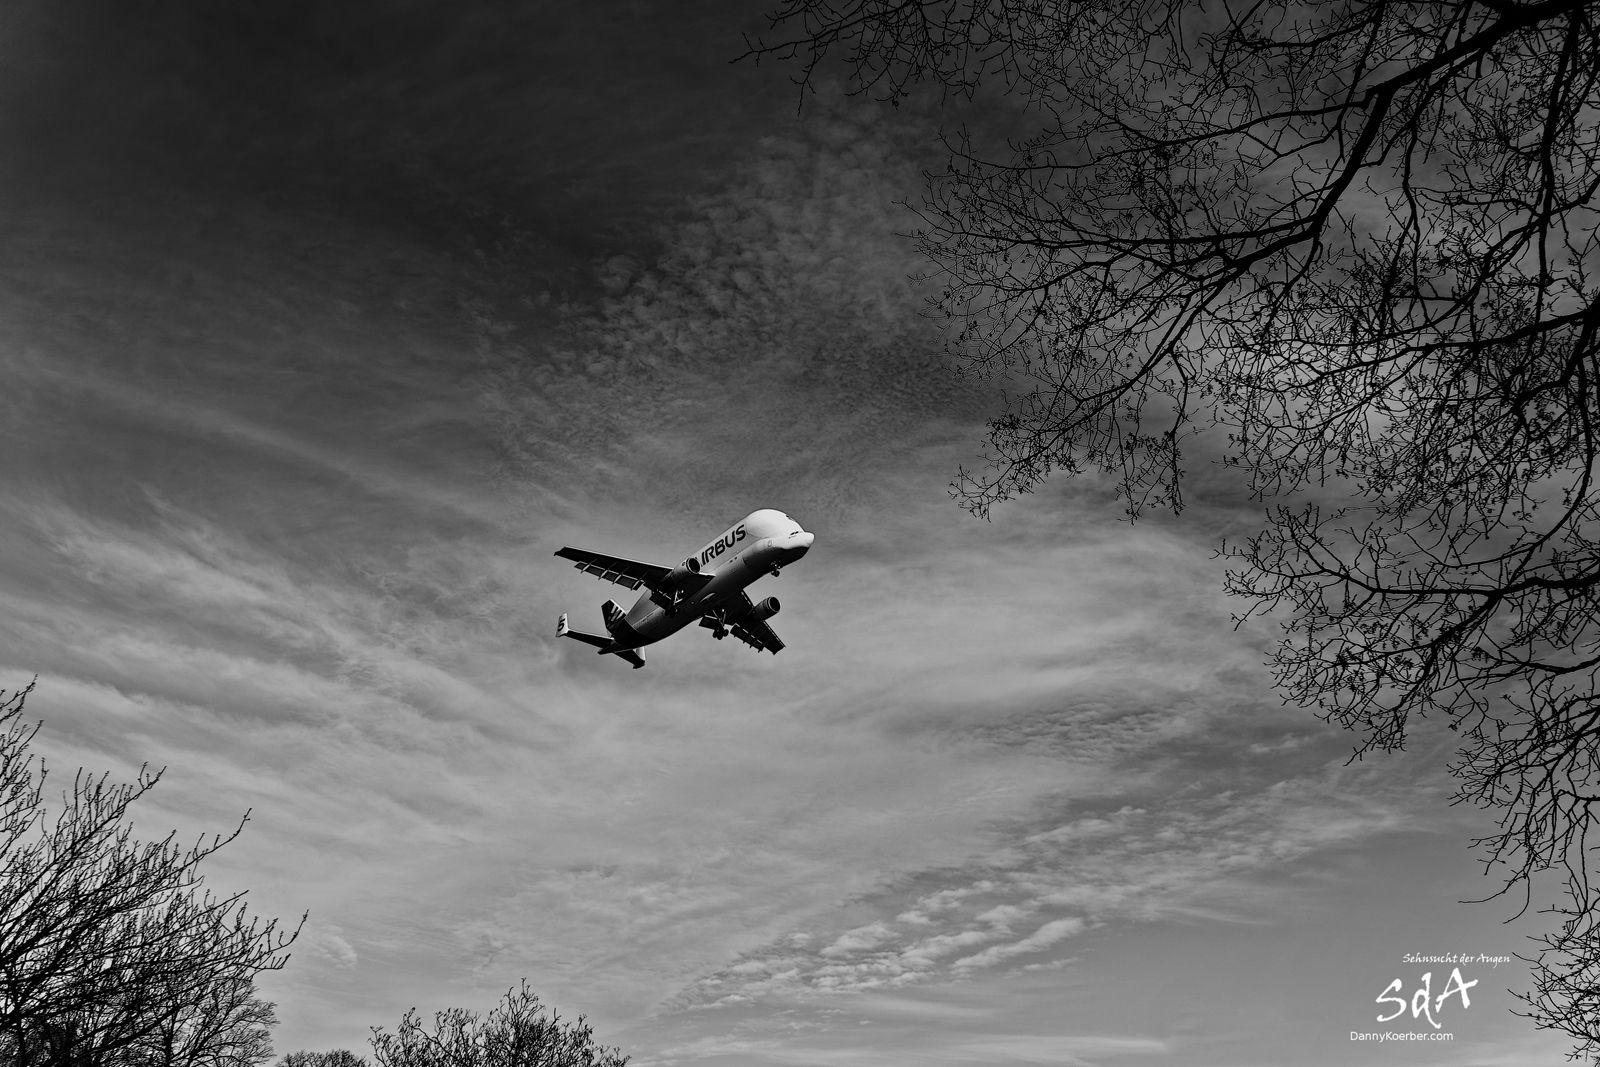 Beluga 5 in Hamburg bei der Landung. Flugzeuge fotografiert von Danny Koerber in Schwarz Weiß.